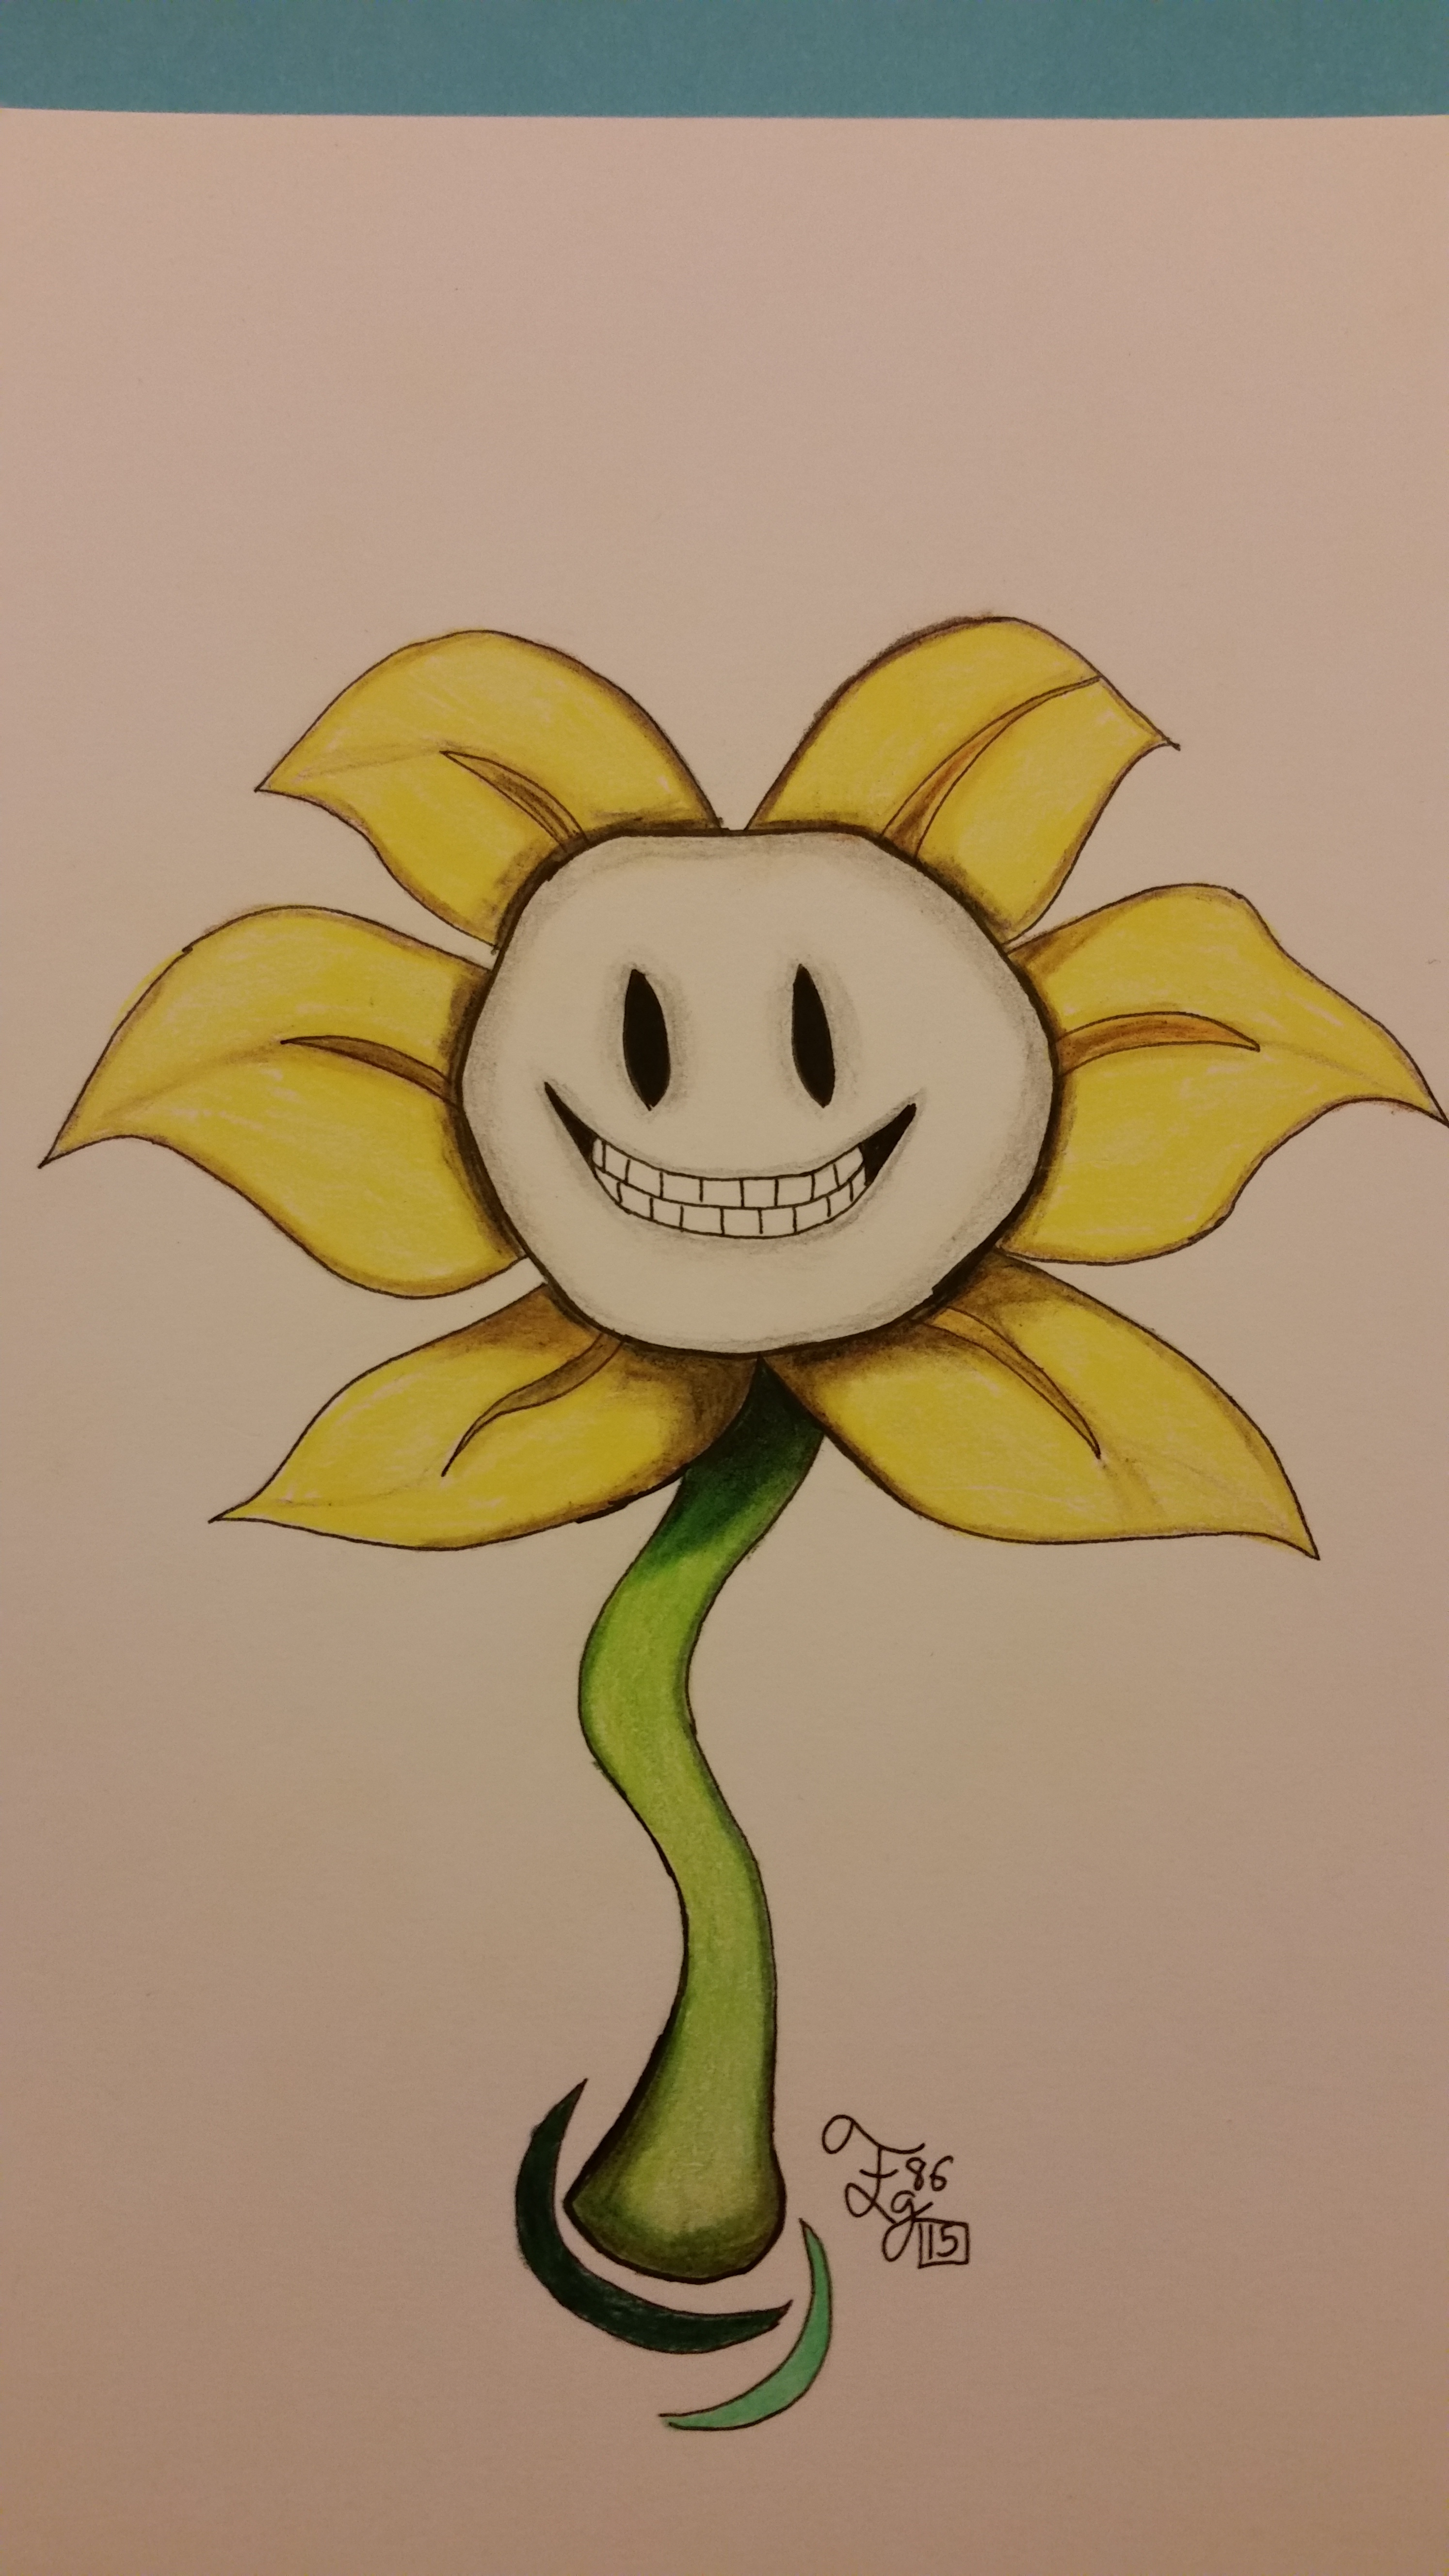 Happy Flowey the Flower by FemGuardian86 on DeviantArt